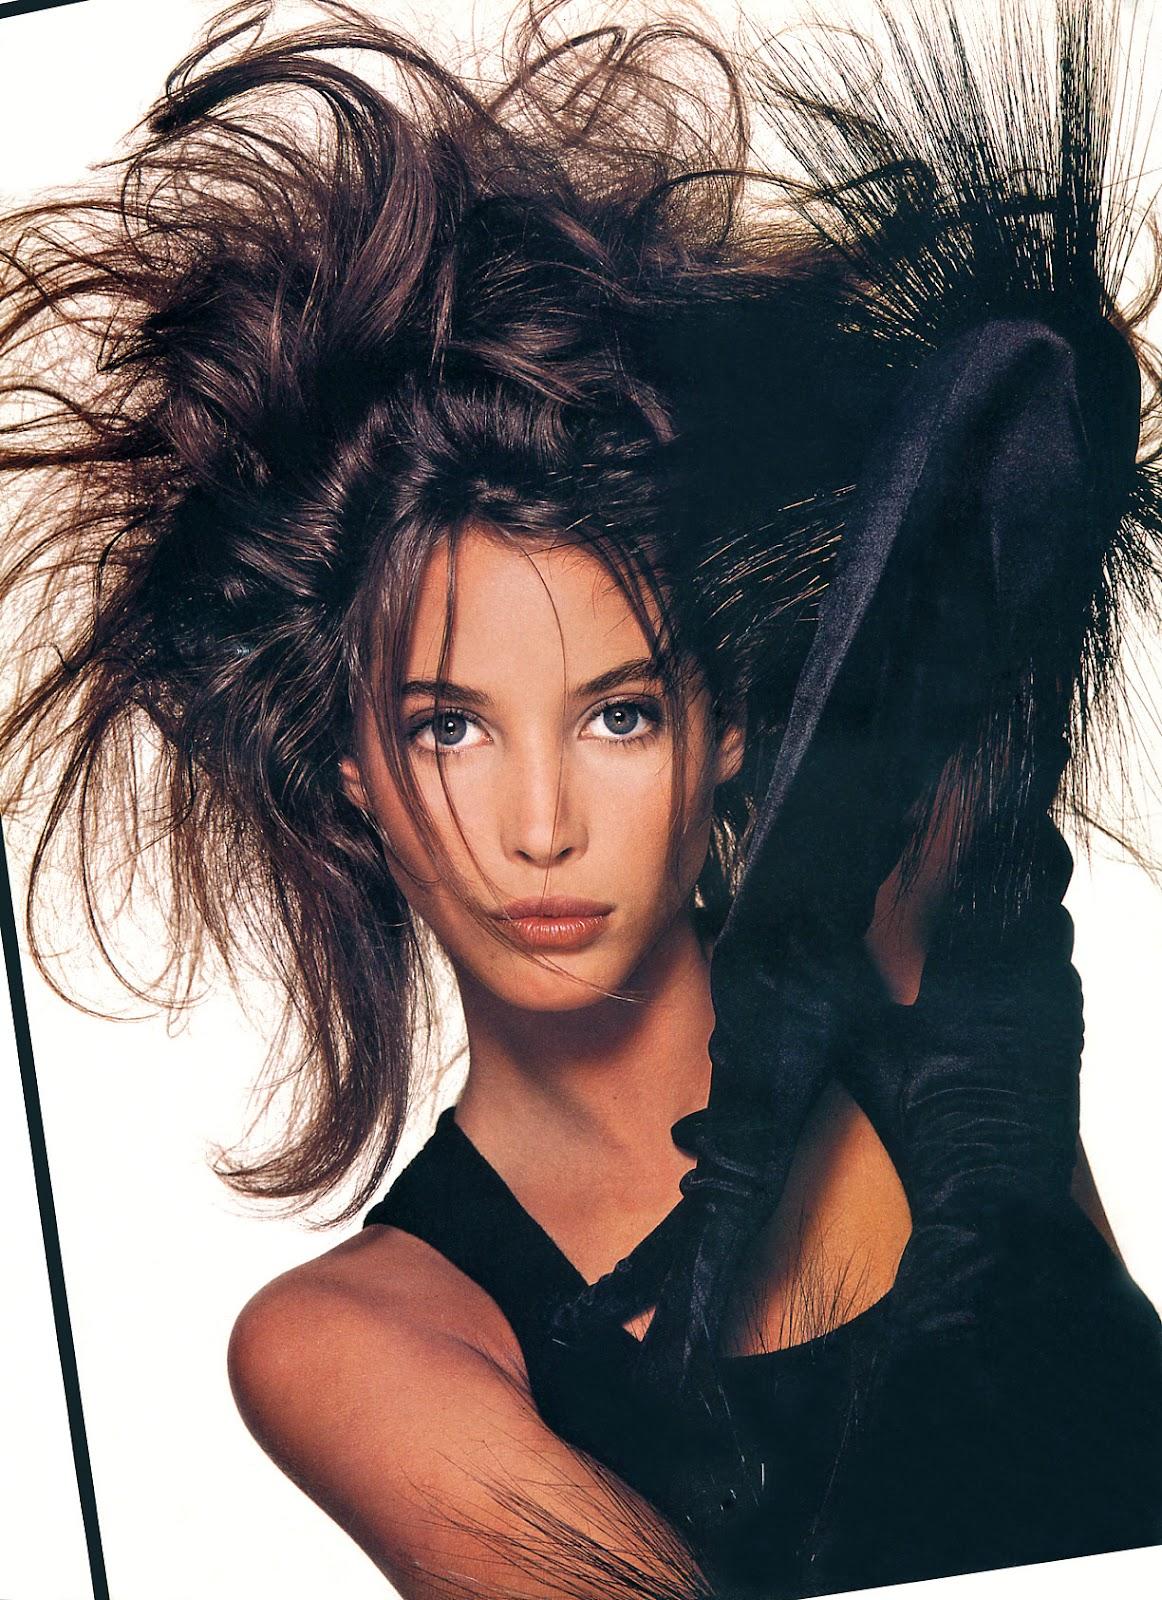 http://2.bp.blogspot.com/-pL9FK67zewU/T3NNu__PhZI/AAAAAAAAGtM/zRPI8xMwcdk/s1600/Christy+Turlington+1987+12+Vogue+Uk+Ph+Patrick+Demarchelier+04.jpg